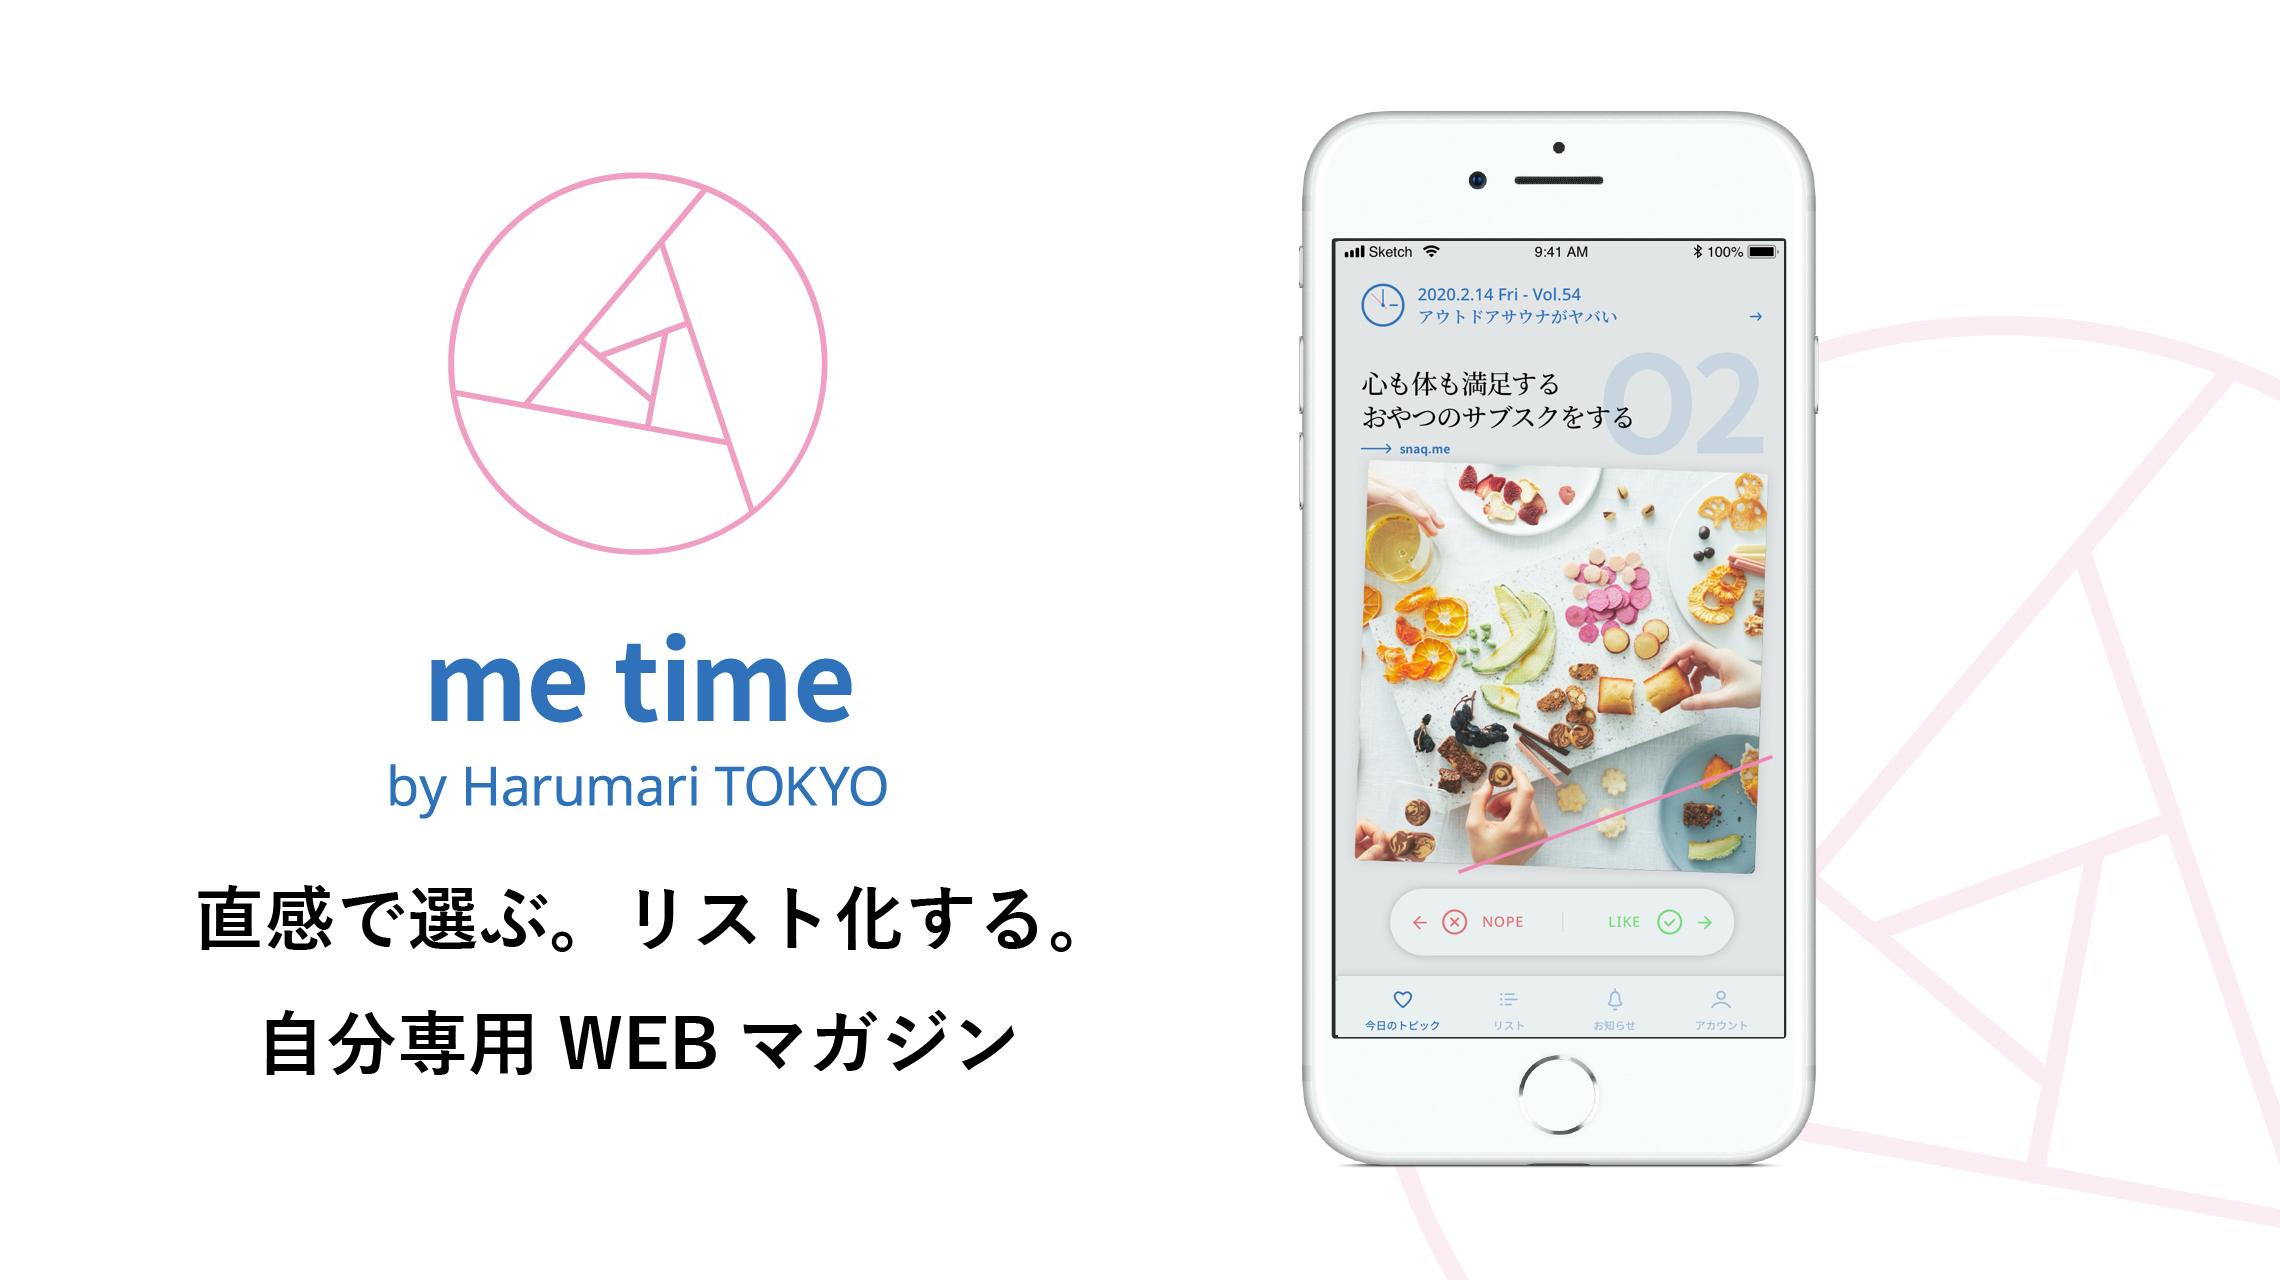 東京の最新トレンドの中から自分にあった情報に出会えるHarumari TOKYOのアプリ